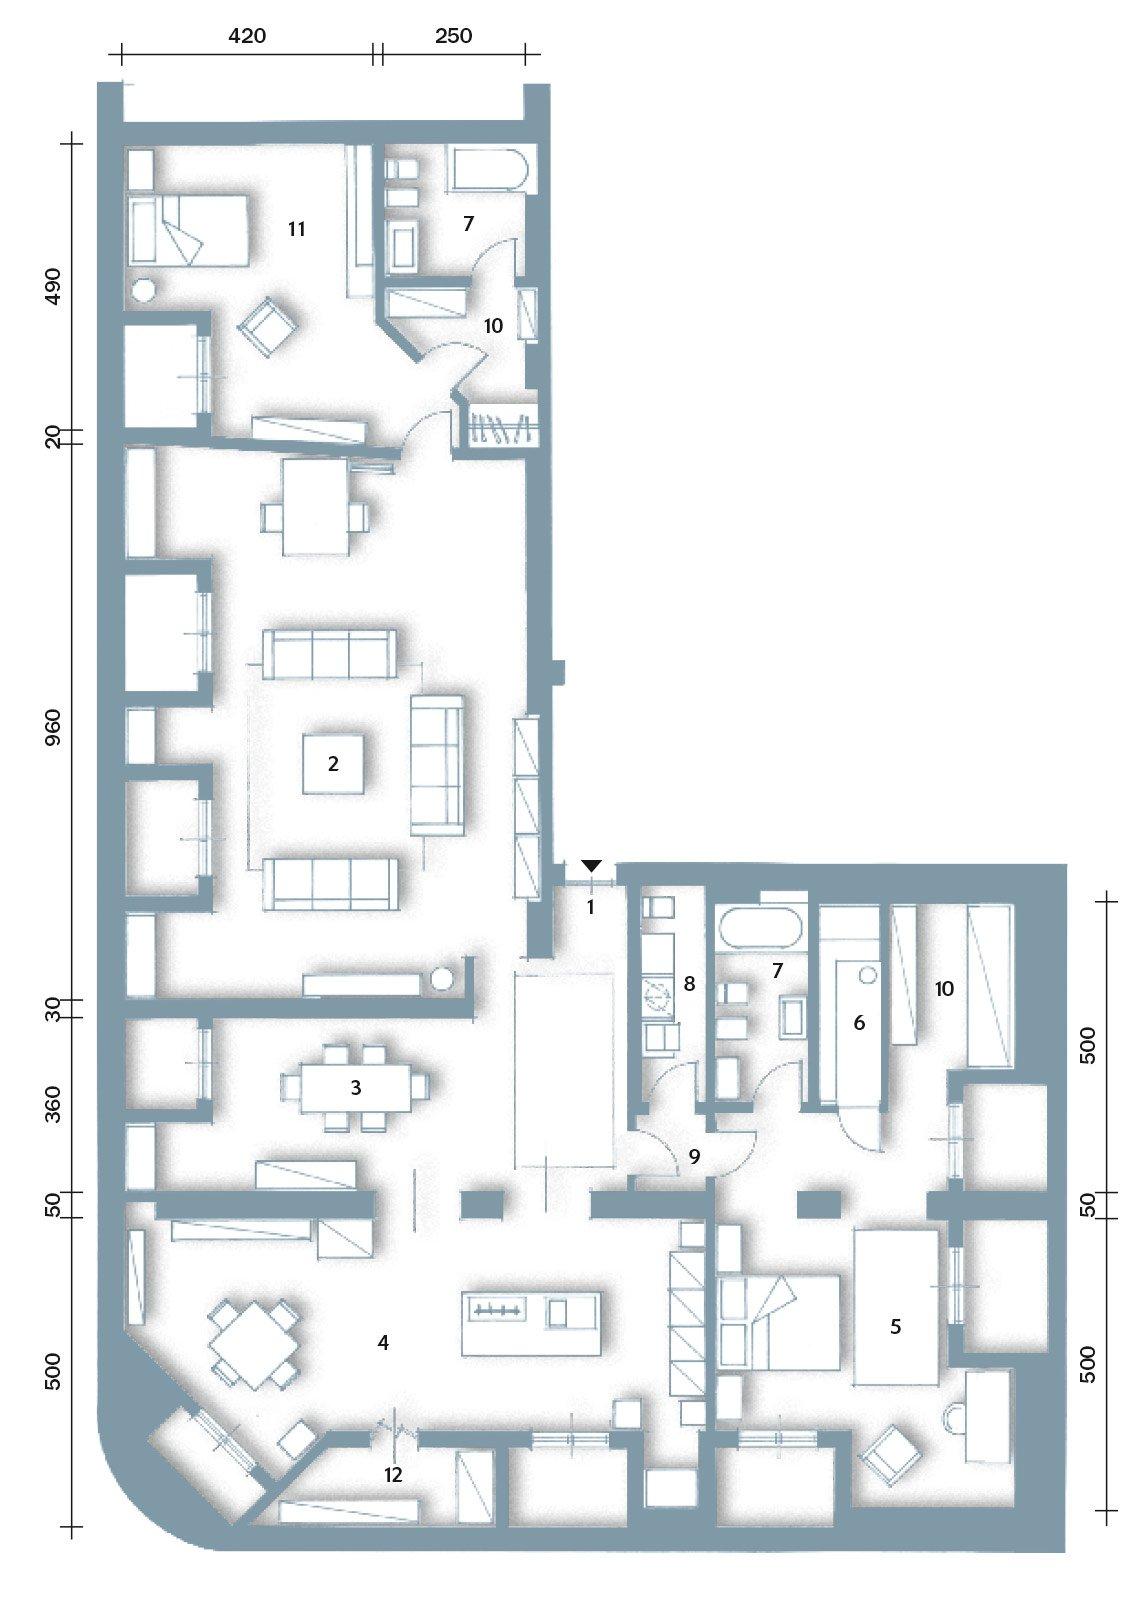 Casabook Immobiliare: Sottotetto: Una Casa Con Travi A Vista #546B77 1135 1600 Sala Da Pranzo 20 Mq